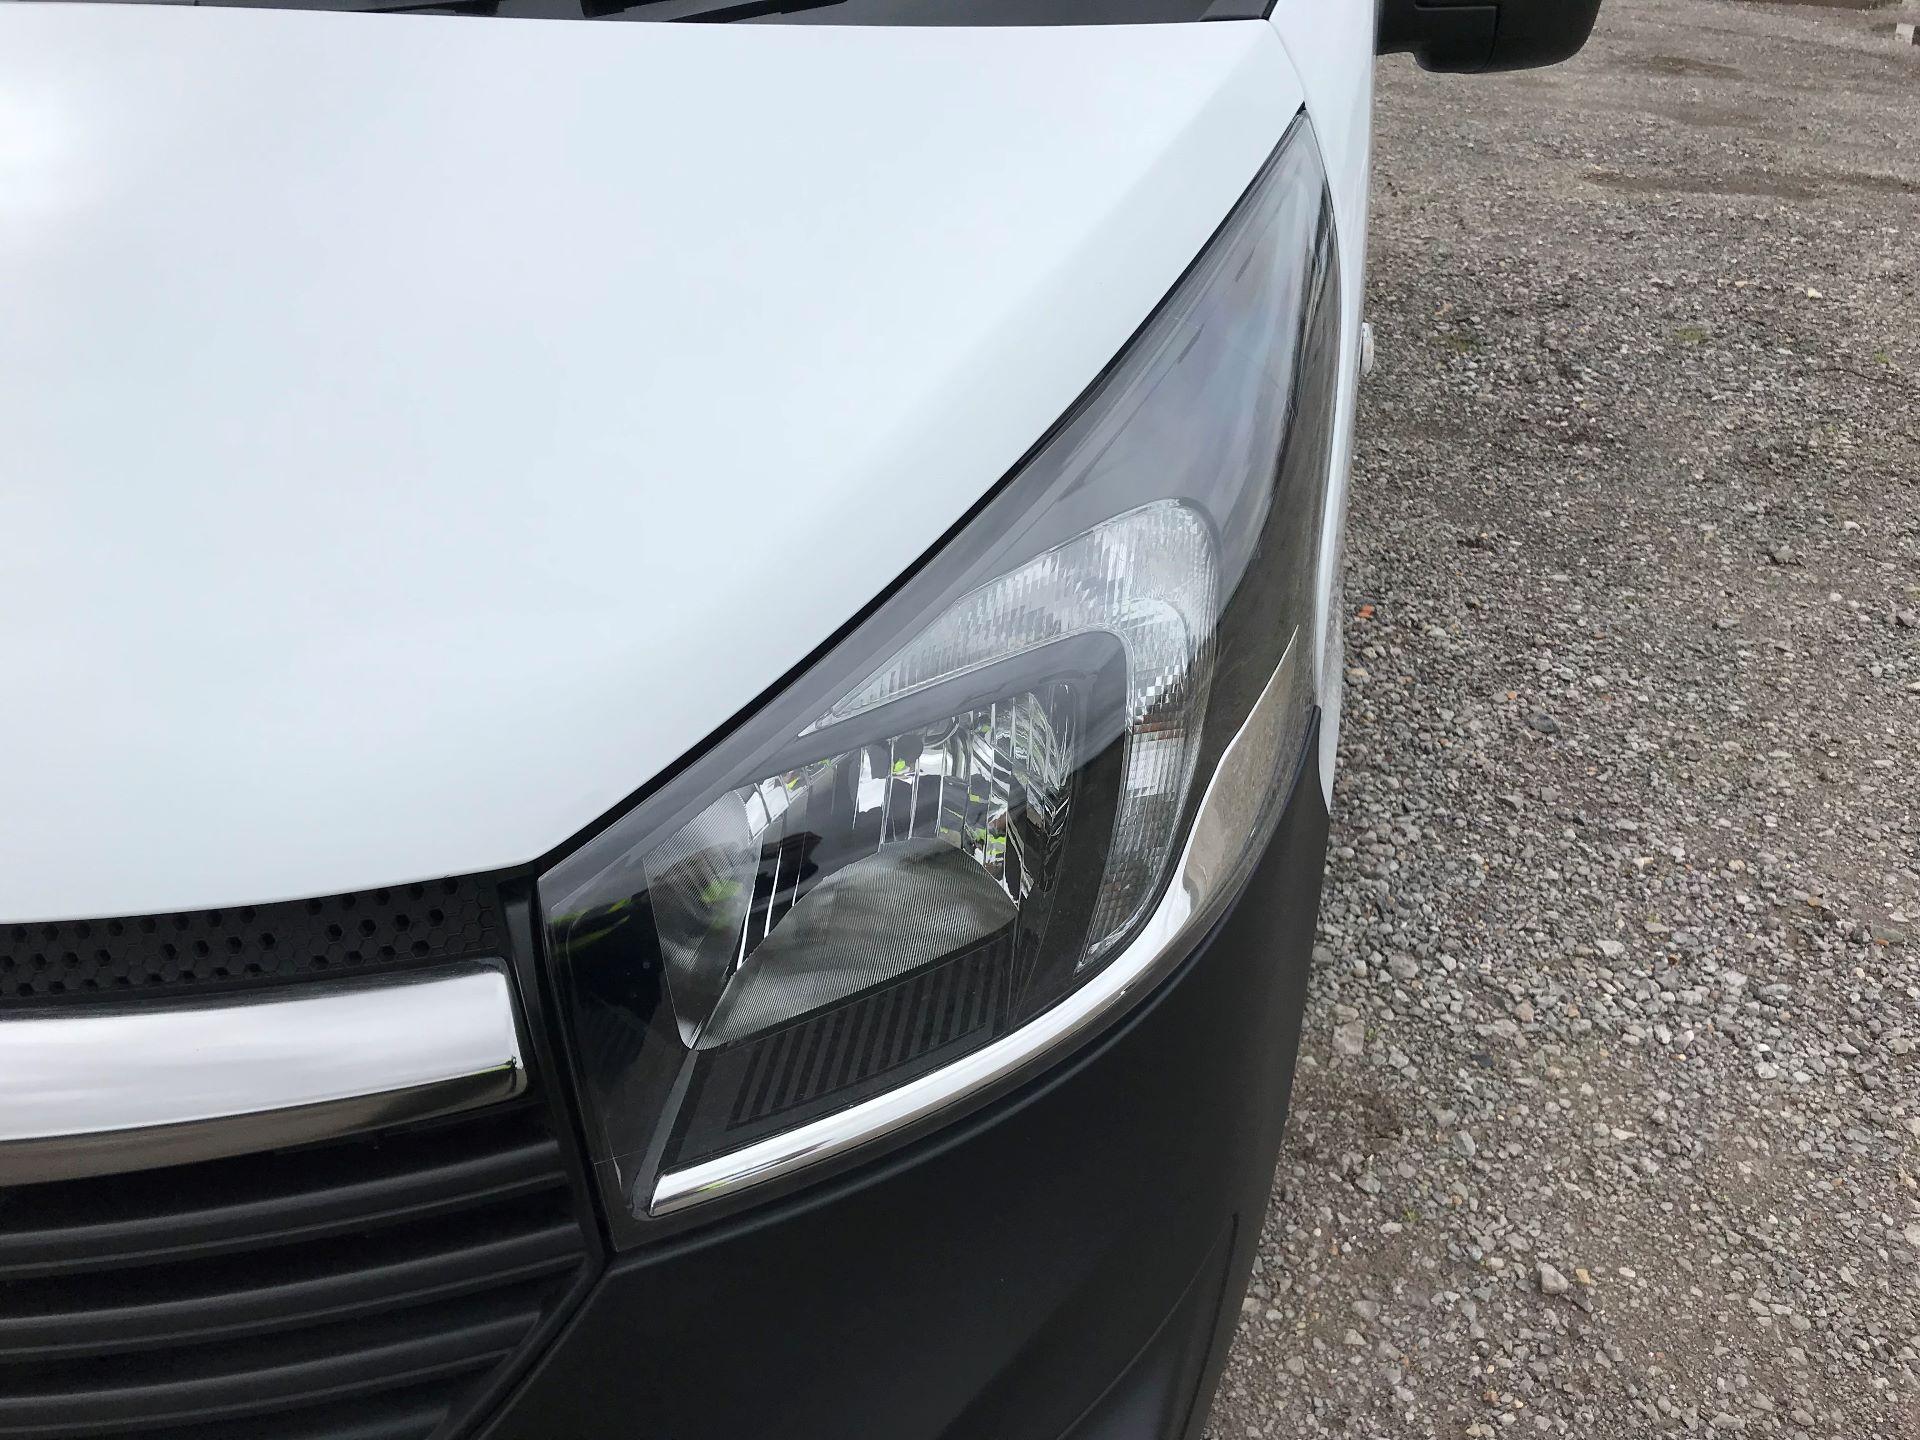 2017 Vauxhall Vivaro L2 H1 2900 1.6CDTI 120PS EURO 6 (DV67WLK) Image 19